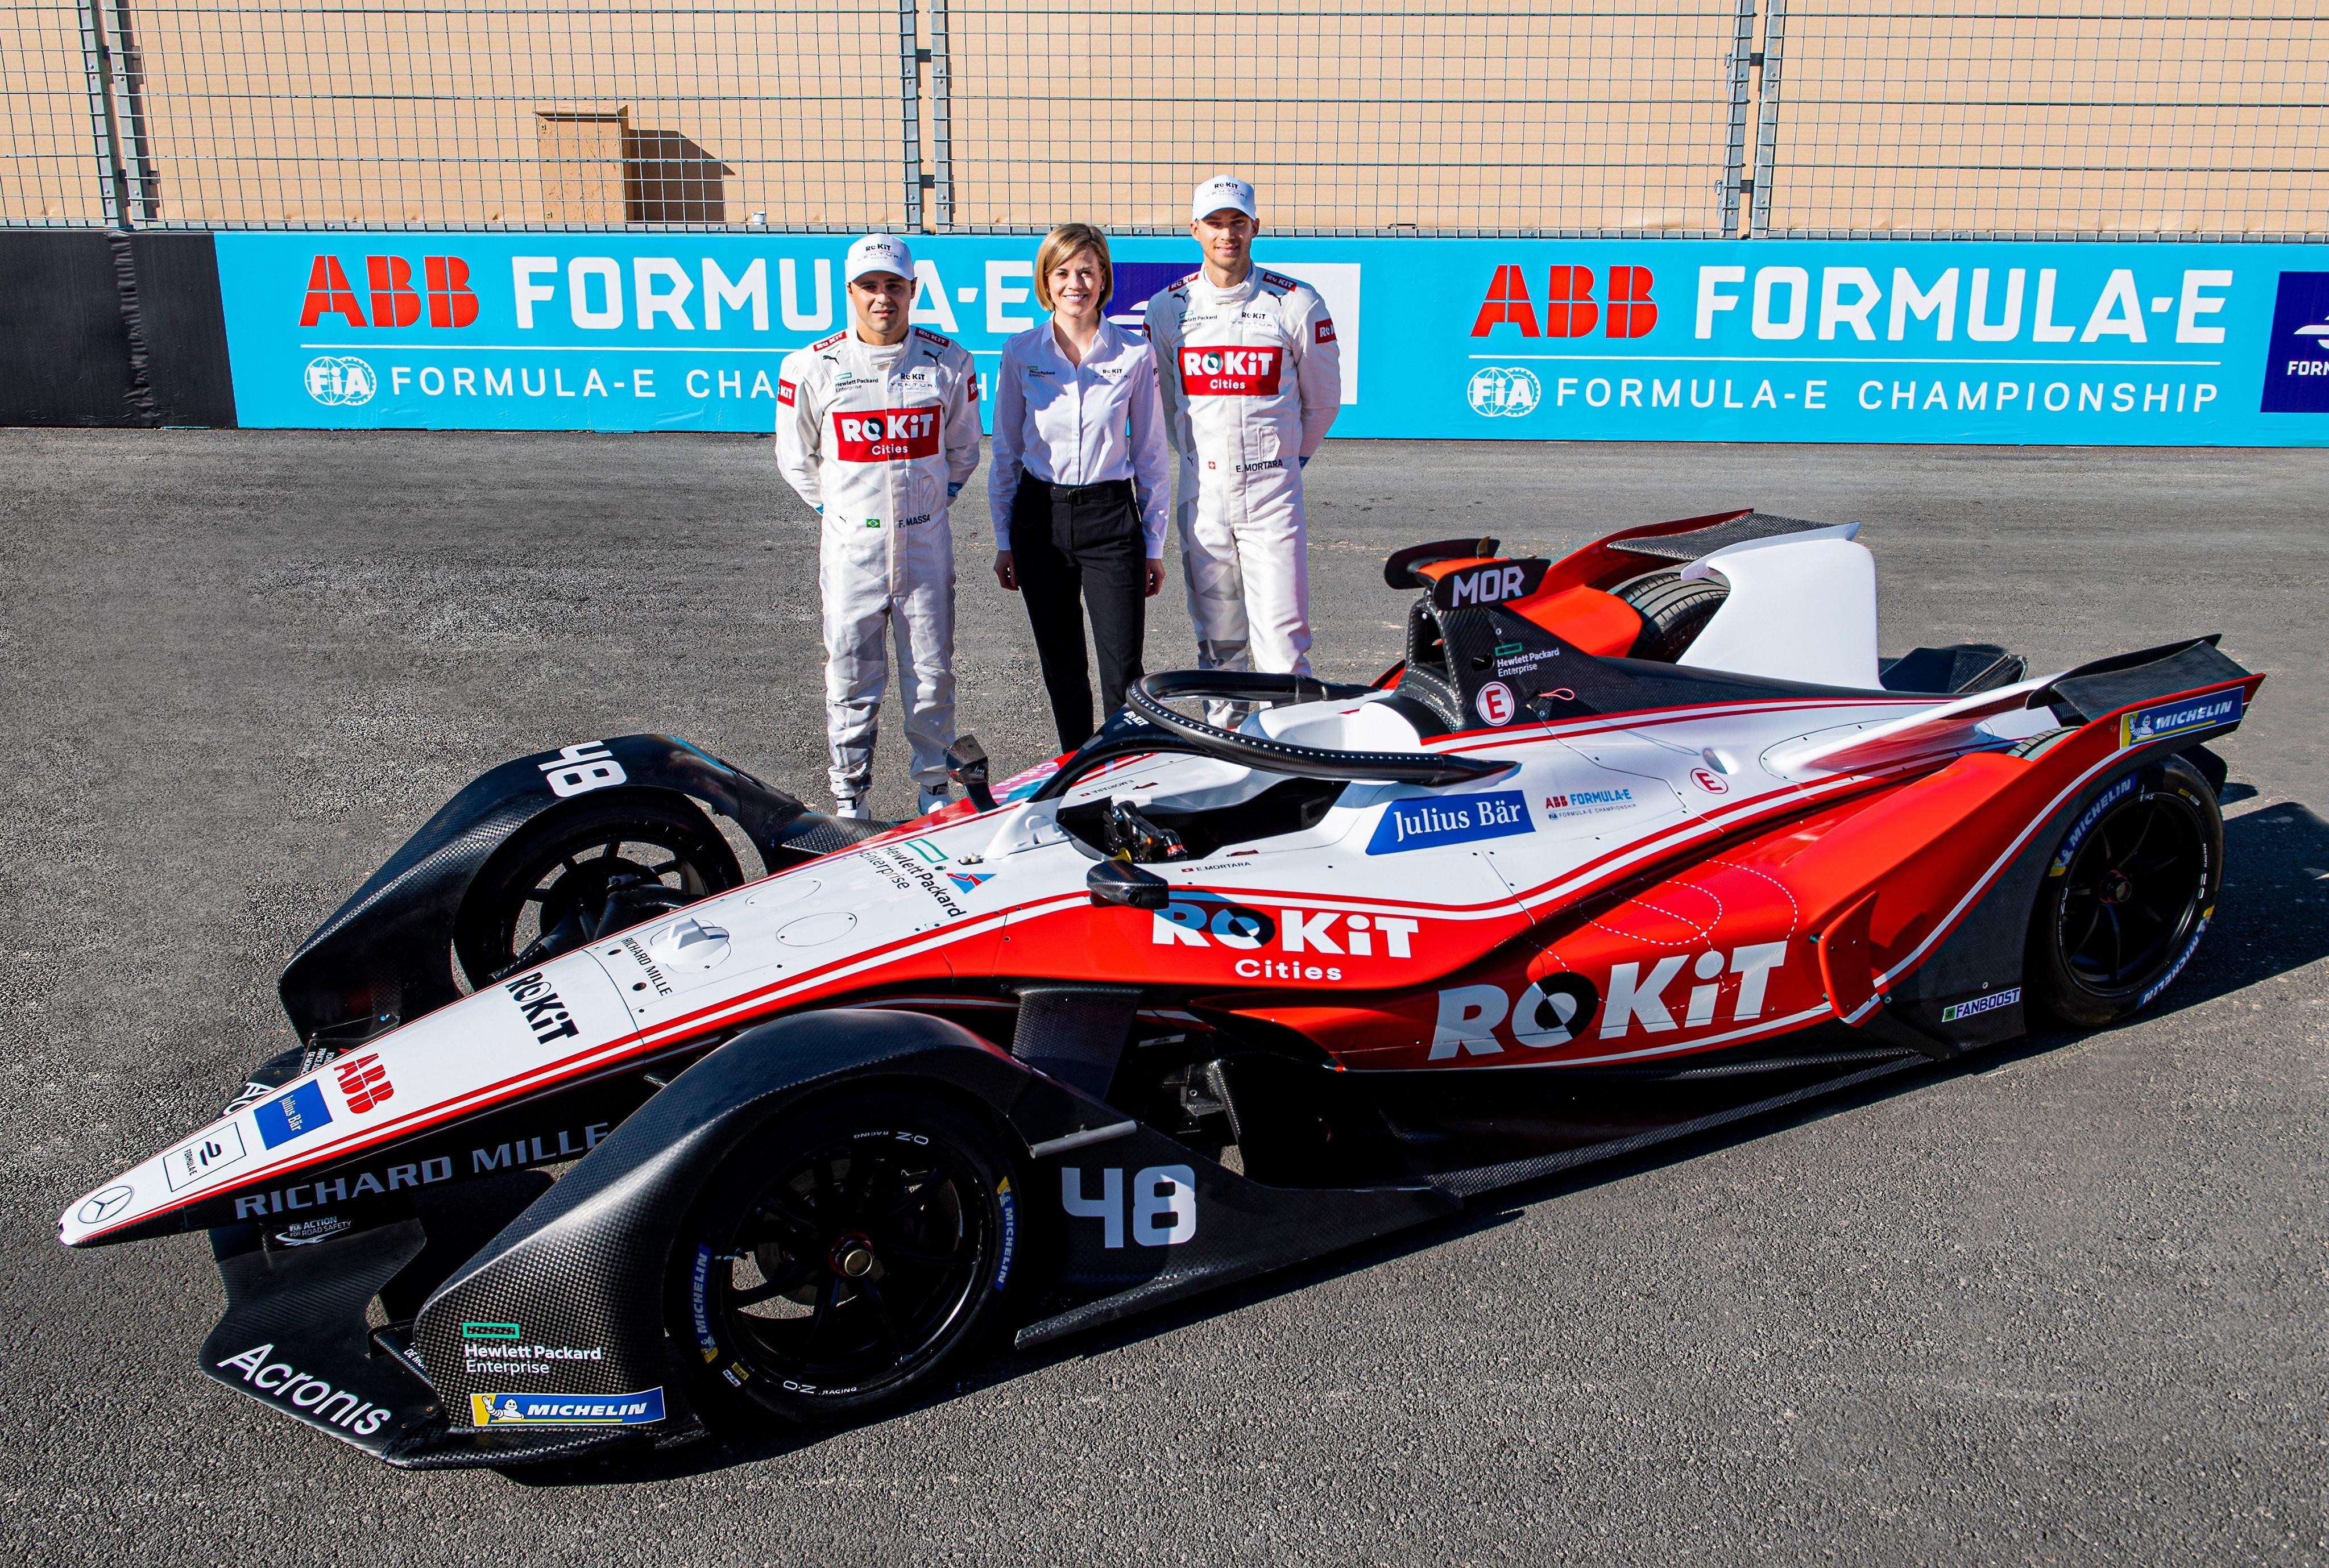 La Venturi Racing ha svelato il nuovo sponsor ROKiT e la nuova livrea per la season 6 di Formula E. Dal grigio scuro e l'azzurro si è passati al bianco, rosso e nero per le vetture di Massa e Mortara.